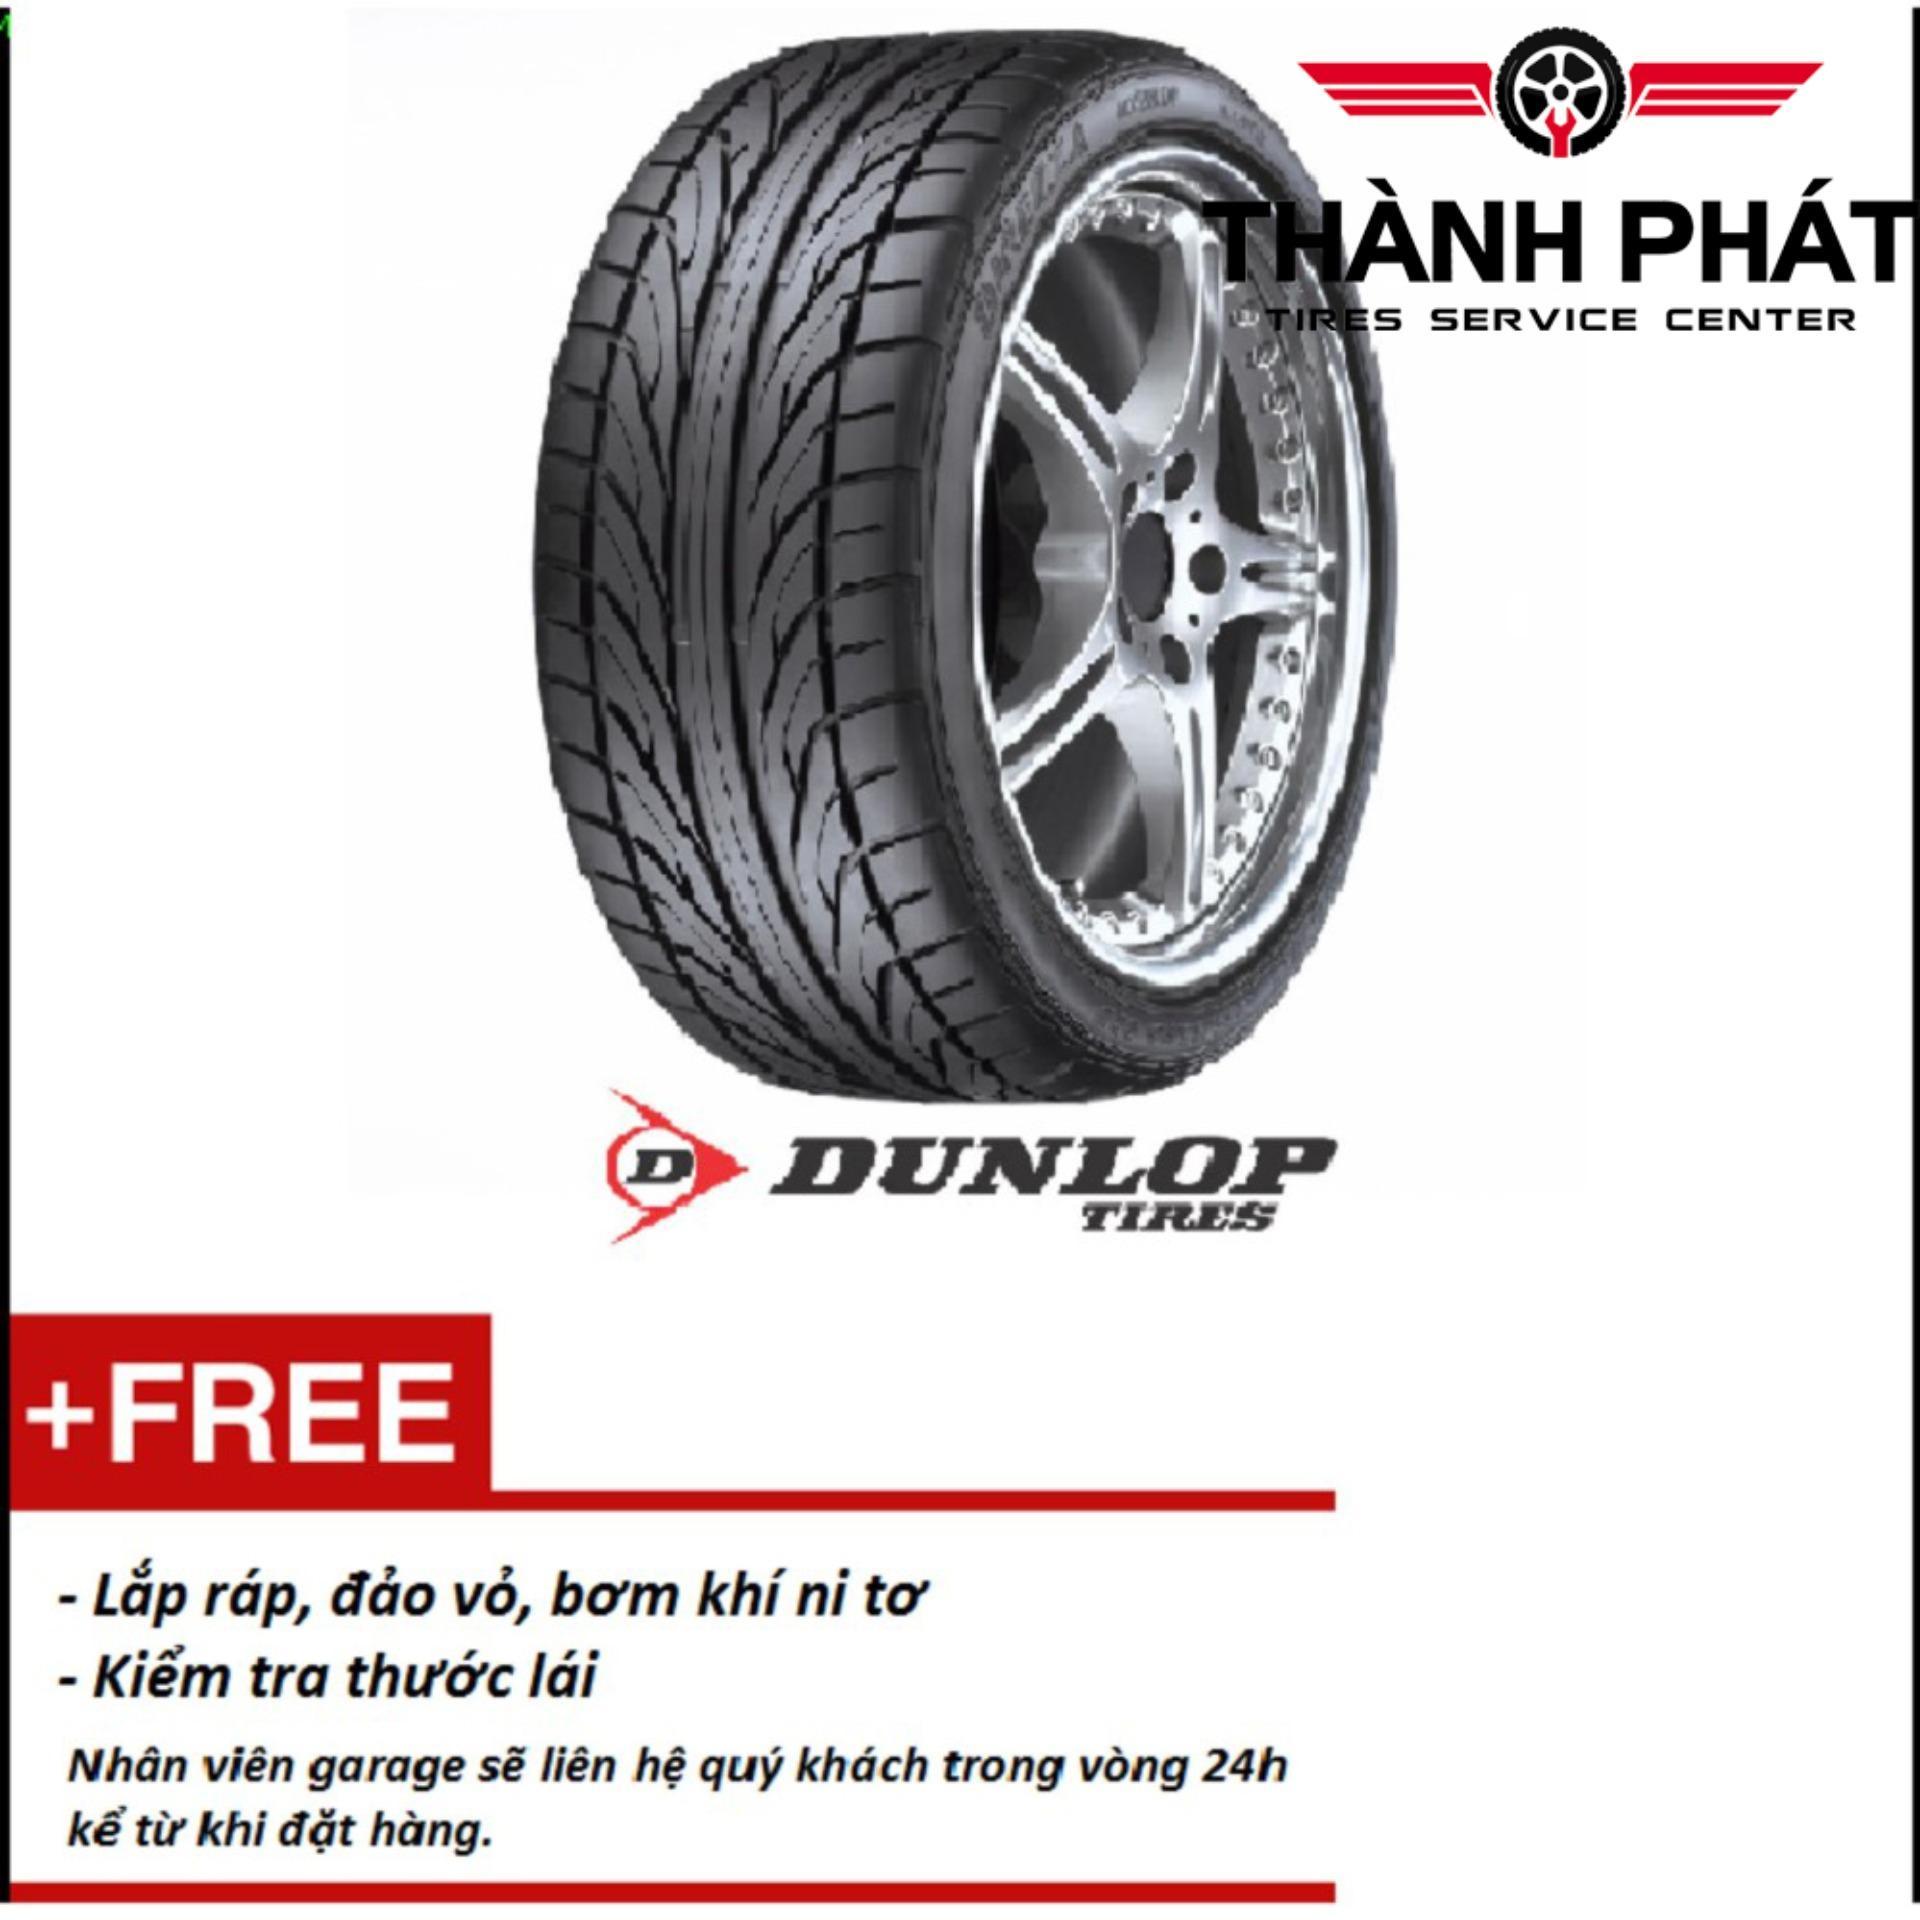 Lốp xe ô tô Dunlop AT20 Thai 255/70R16 - Miễn phí lắp đặt Nhật Bản